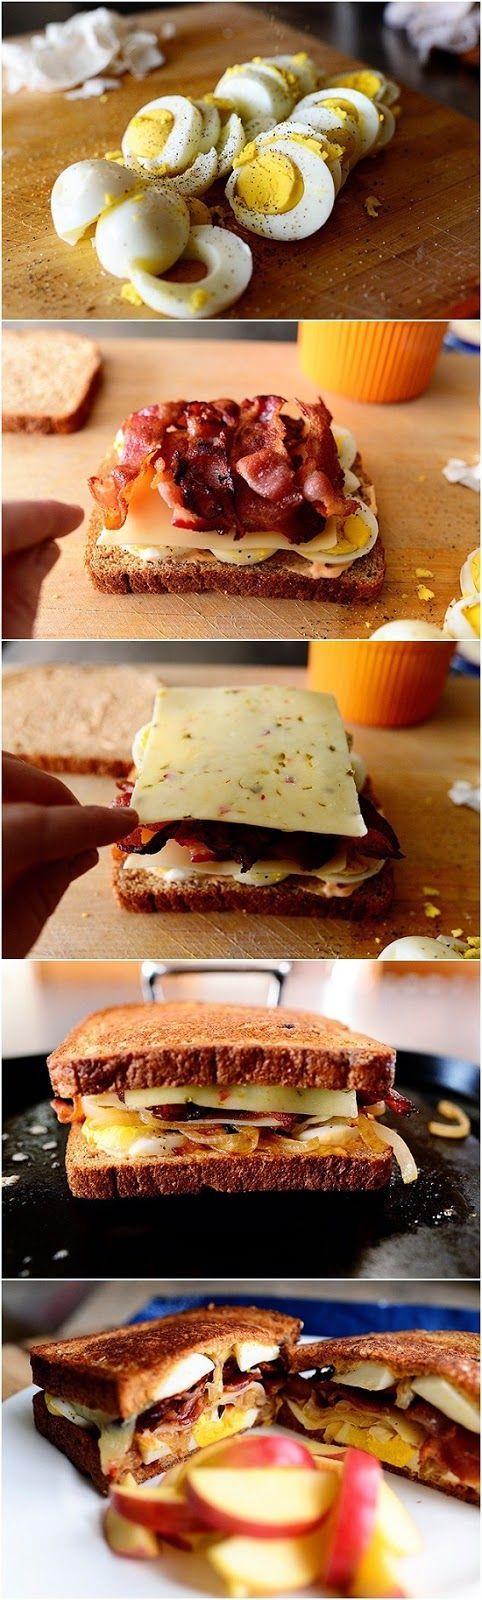 Toasted Sandwich Sandwich tostado Subido de Pinterest. http://www.isladelecturas.es/index.php/noticias/libros/835-las-aventuras-de-indiana-juana-de-jaime-fuster A la venta en AMAZON. Feliz lectura.